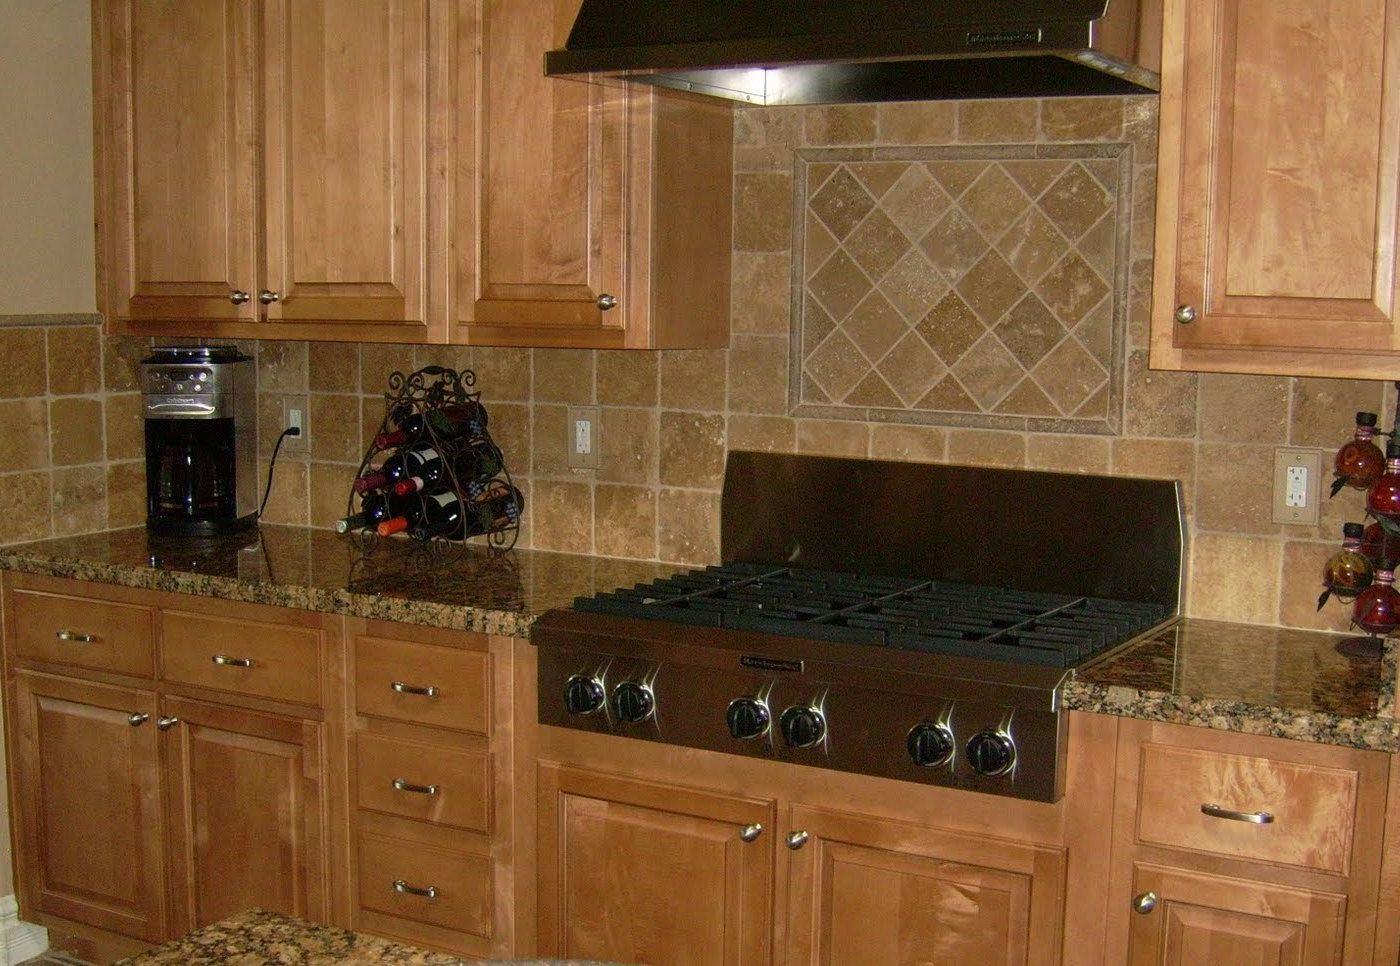 10 Stylish Backsplash Ideas With Black Granite Countertops backsplash pictures for granite countertops 004 wlogo white kitchen 2020